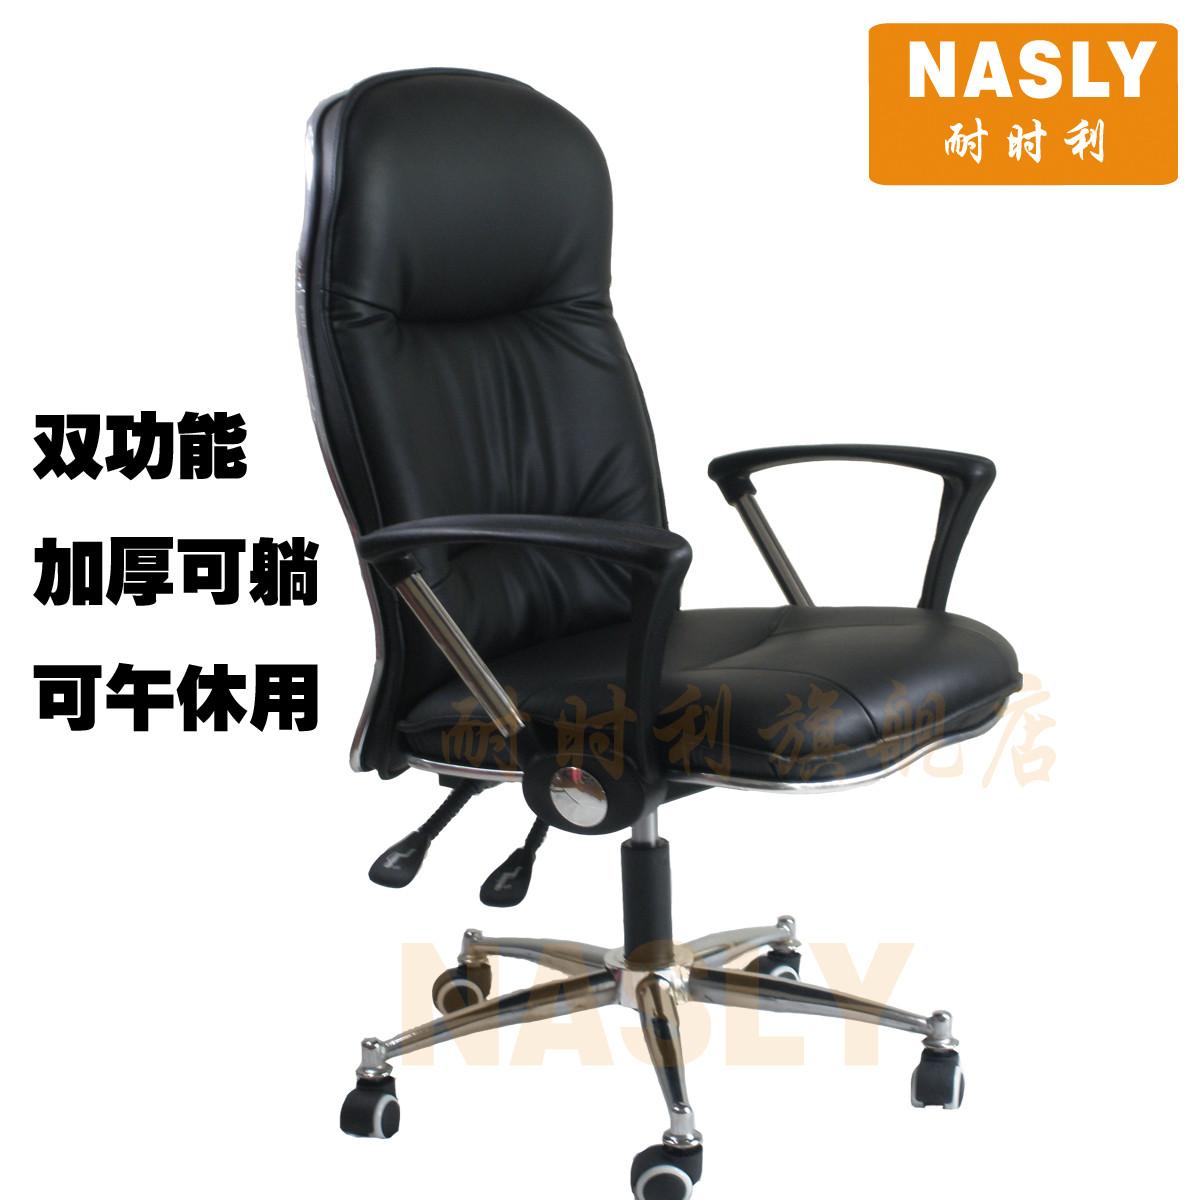 耐时利黑色皮面浅黄皮面填充物固定扶手钢制脚皮艺电脑椅